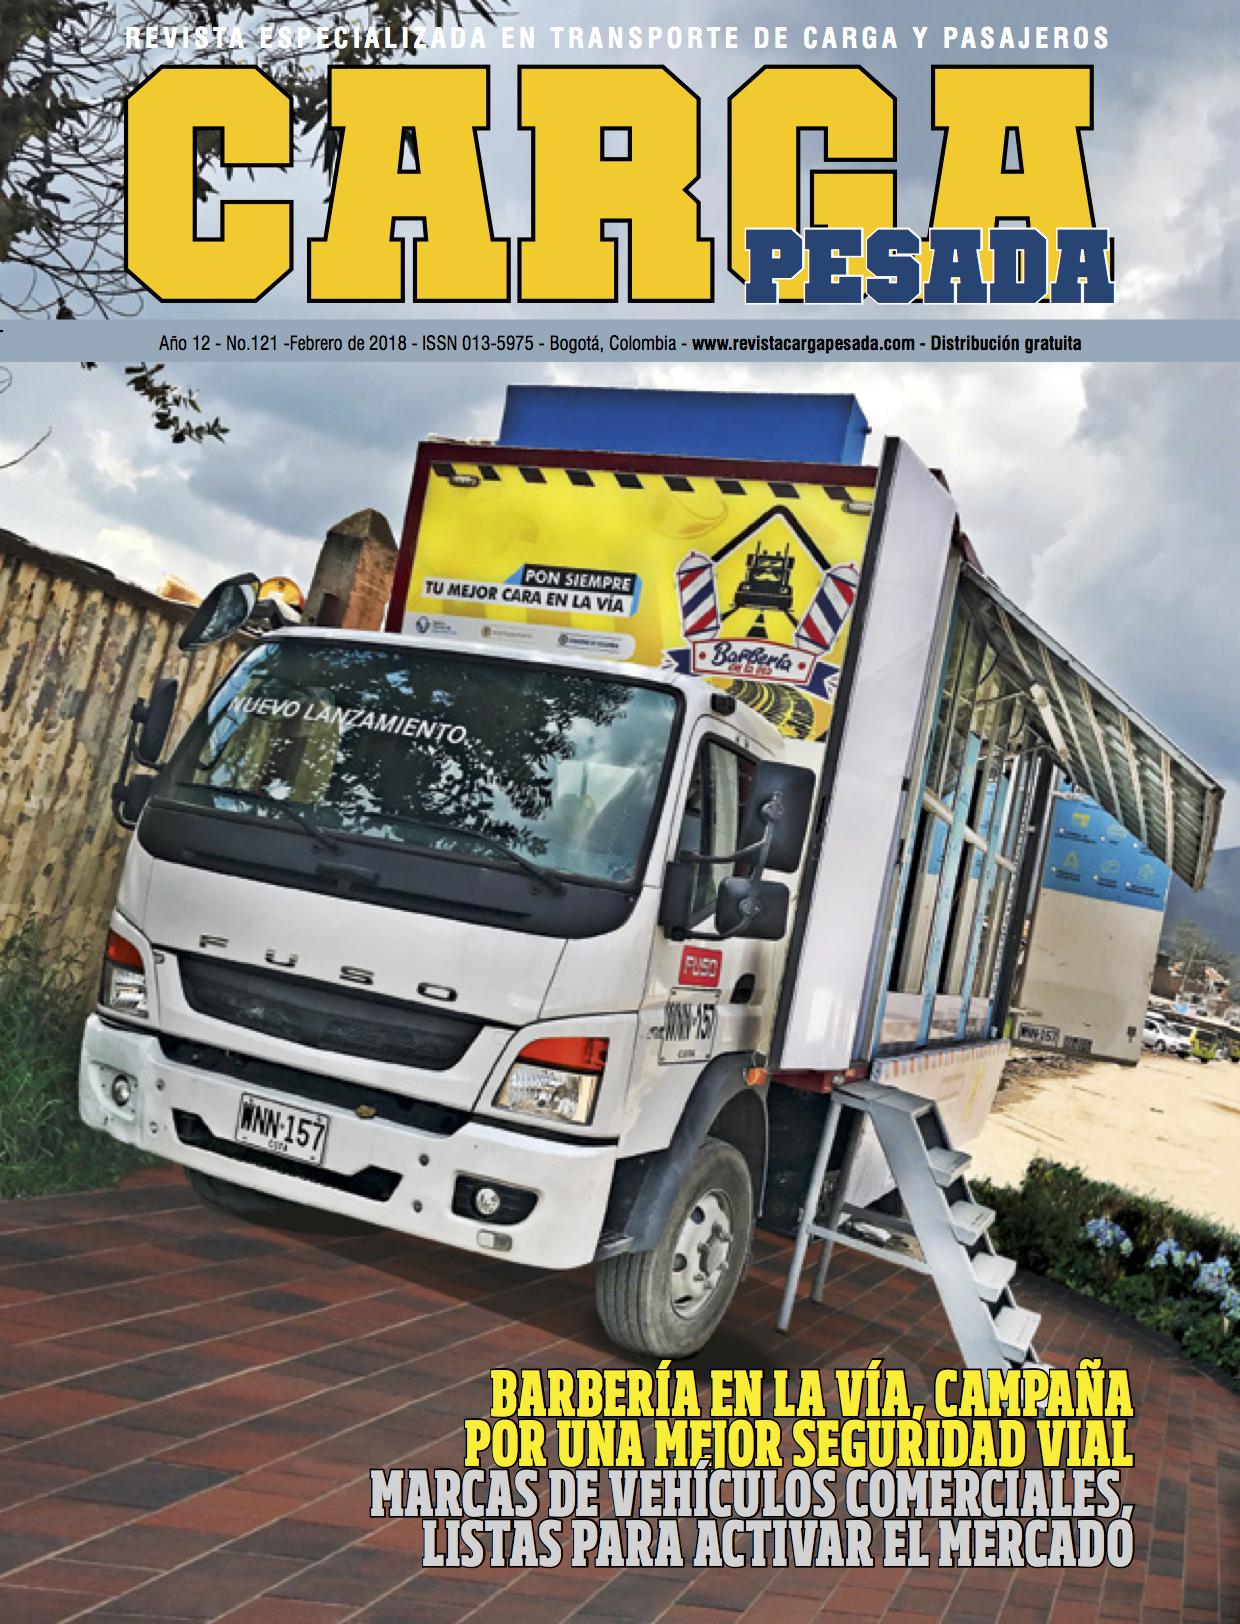 Revista carga pesada Edición 121, Febrero 2018